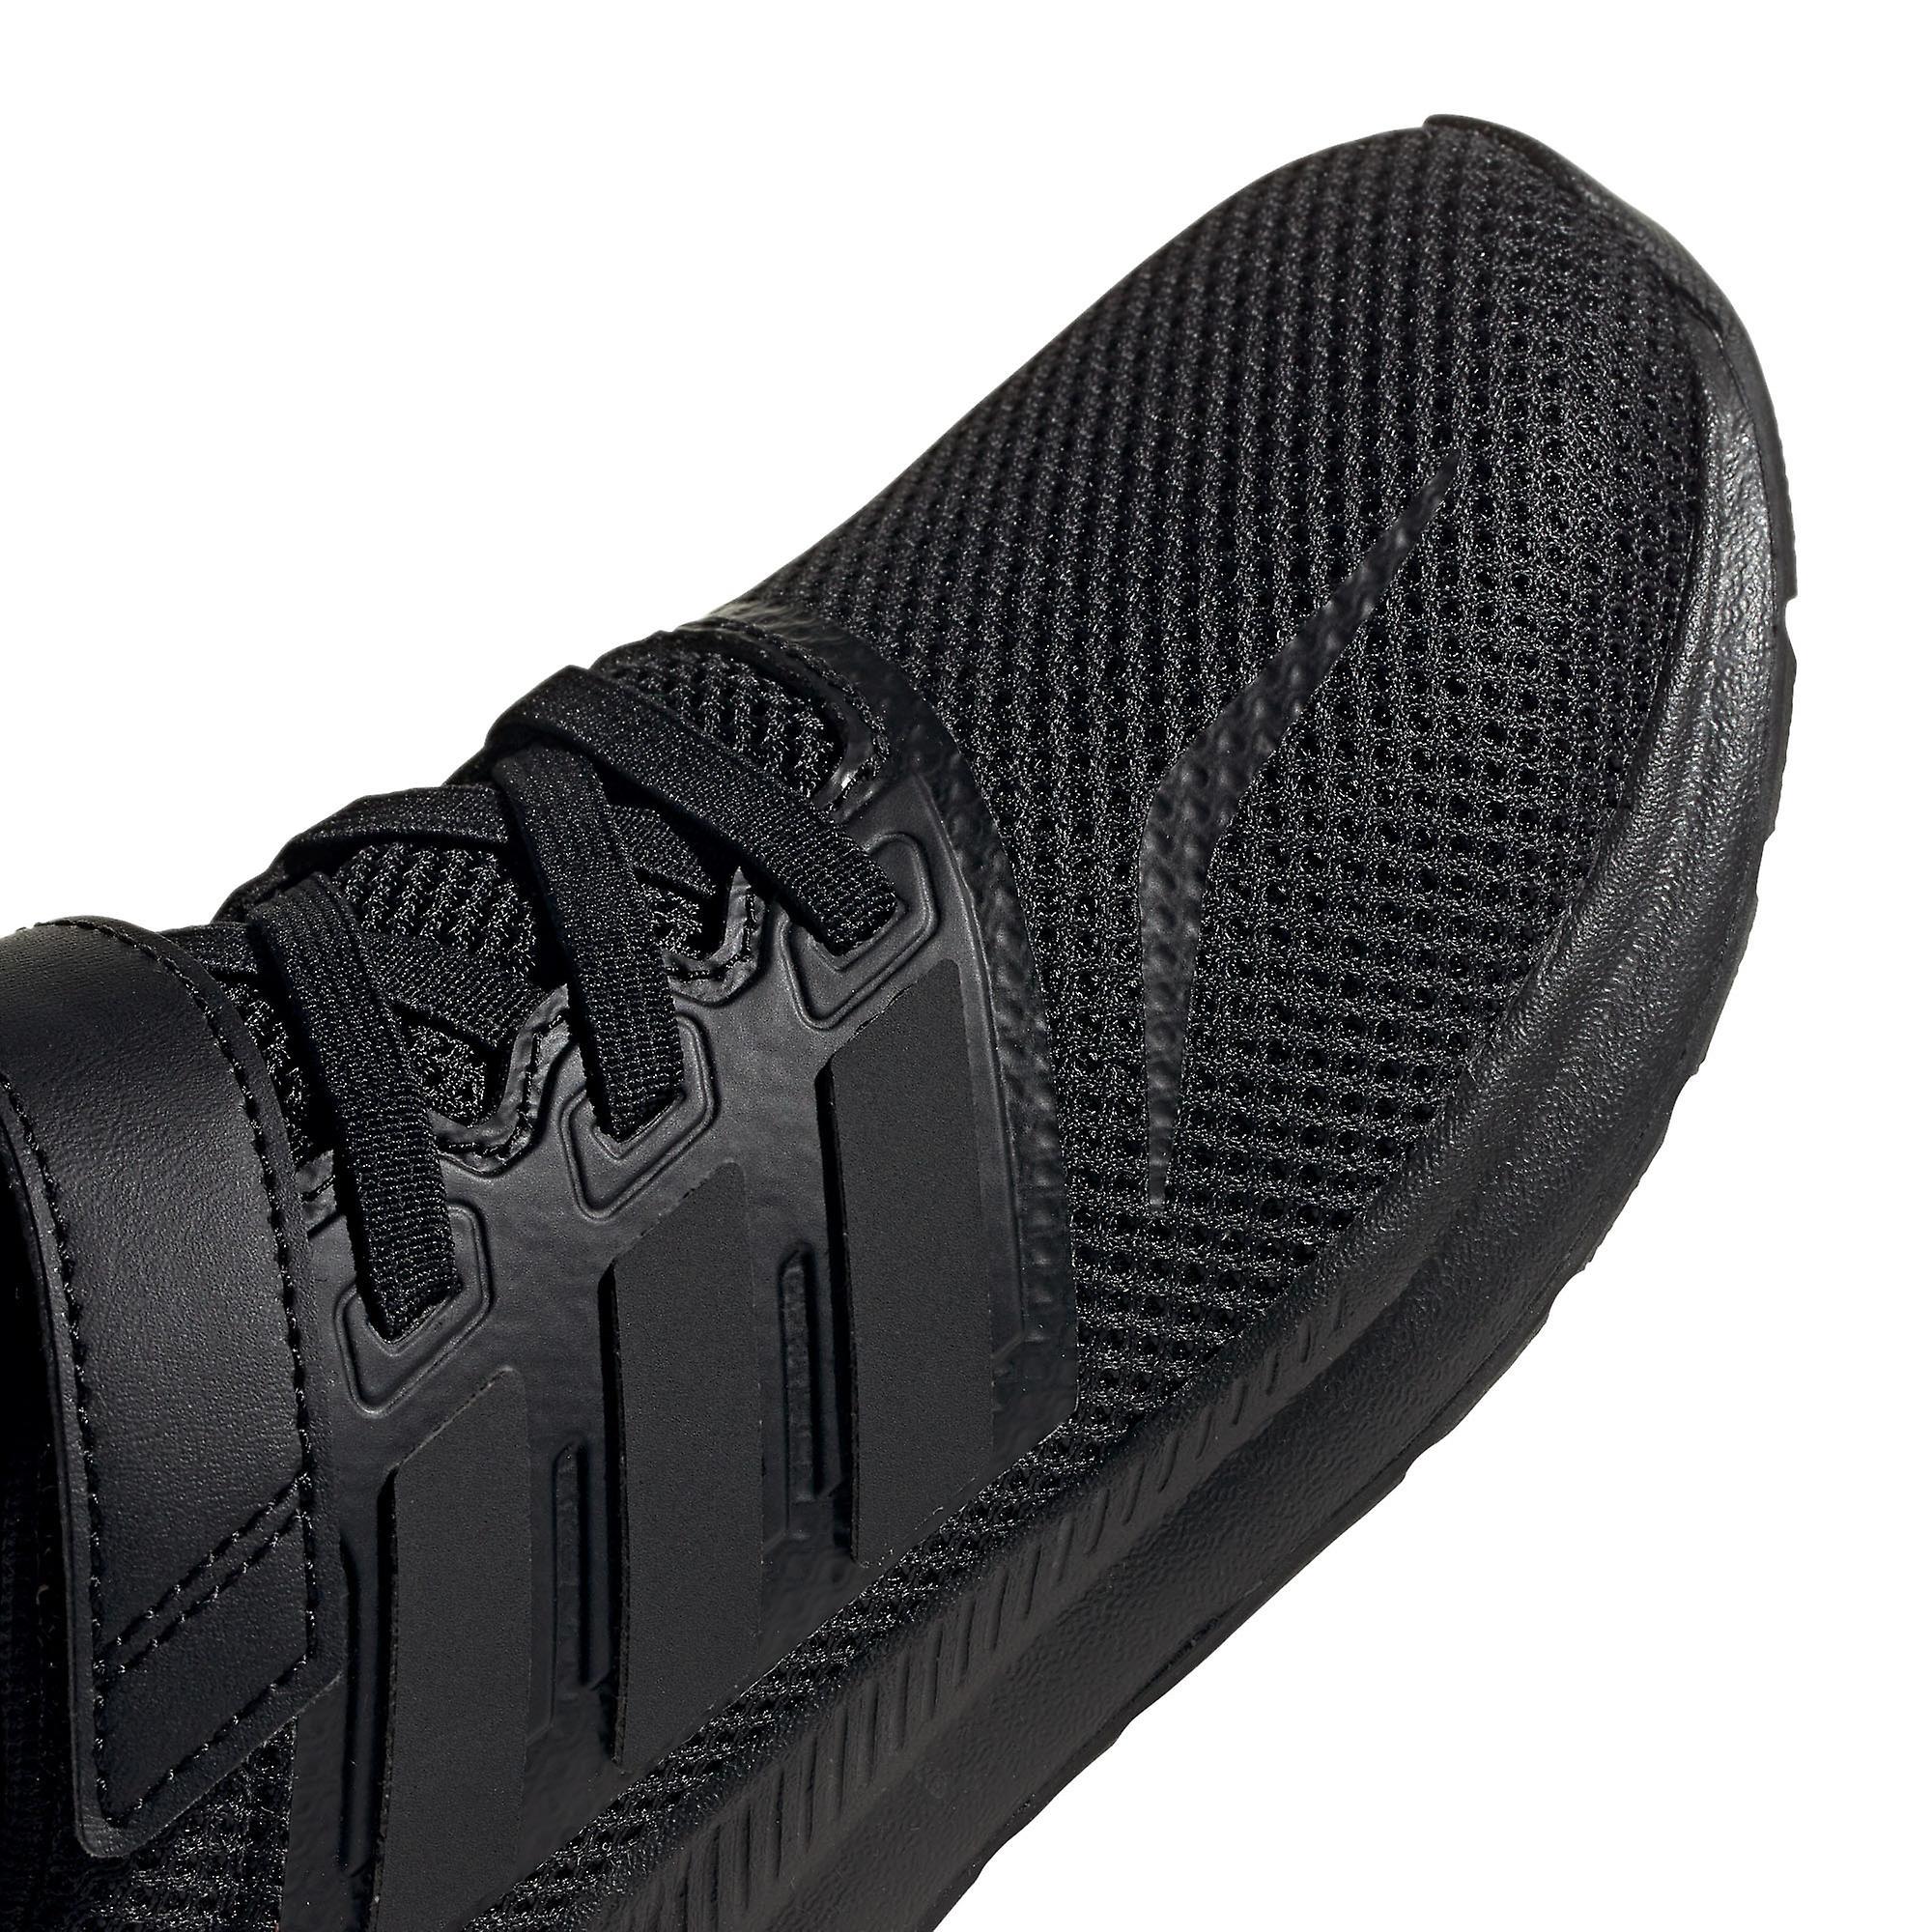 adidas Run Falcon Junior Kids hardloop trainer schoen zwart - Gratis verzending 7uIbJy